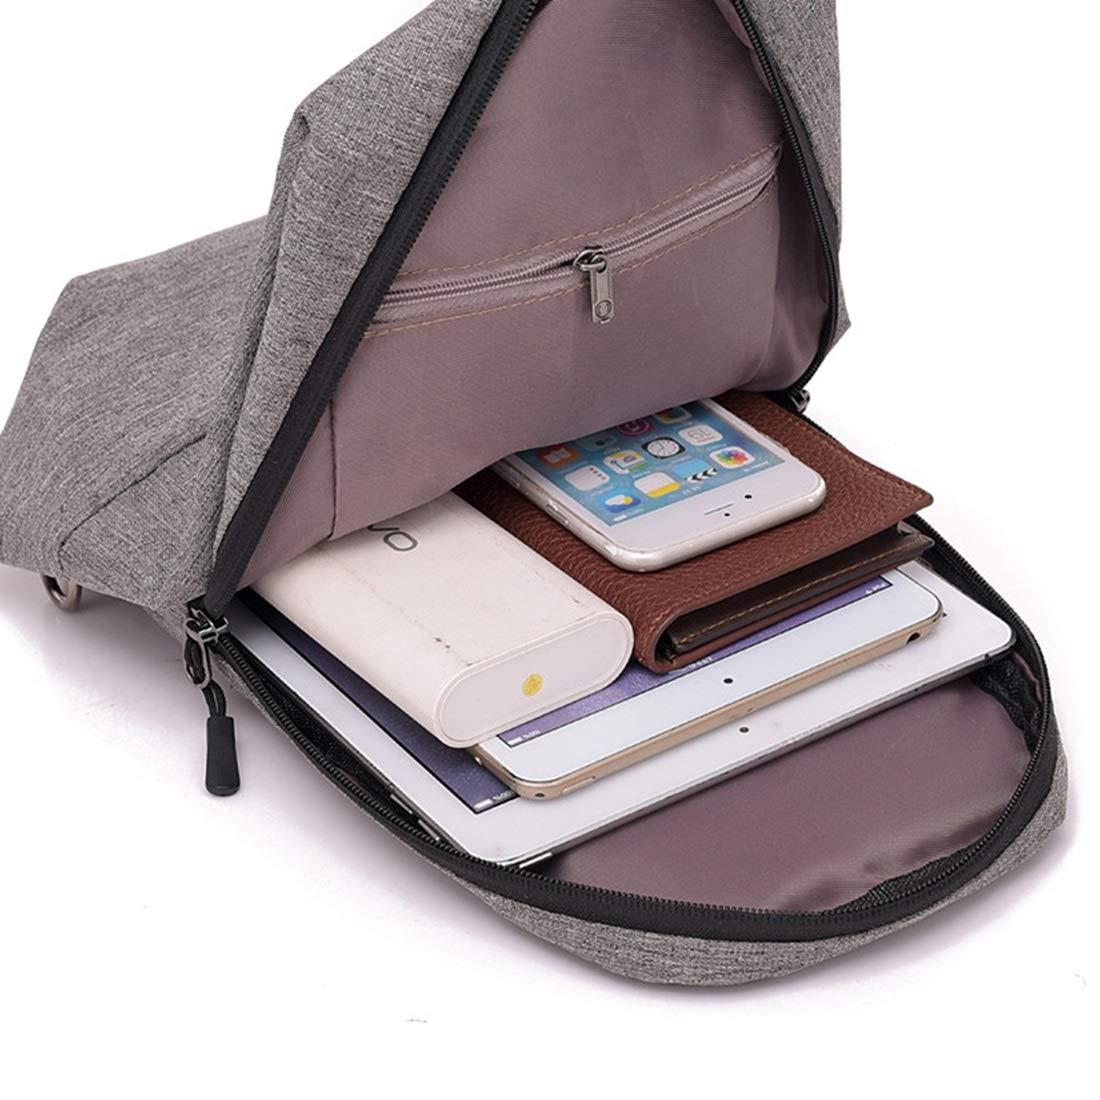 RABILTY Mens Shoulder Bag Sports Canvas Chest Bag Outdoor Diagonal Bag Color : Gray